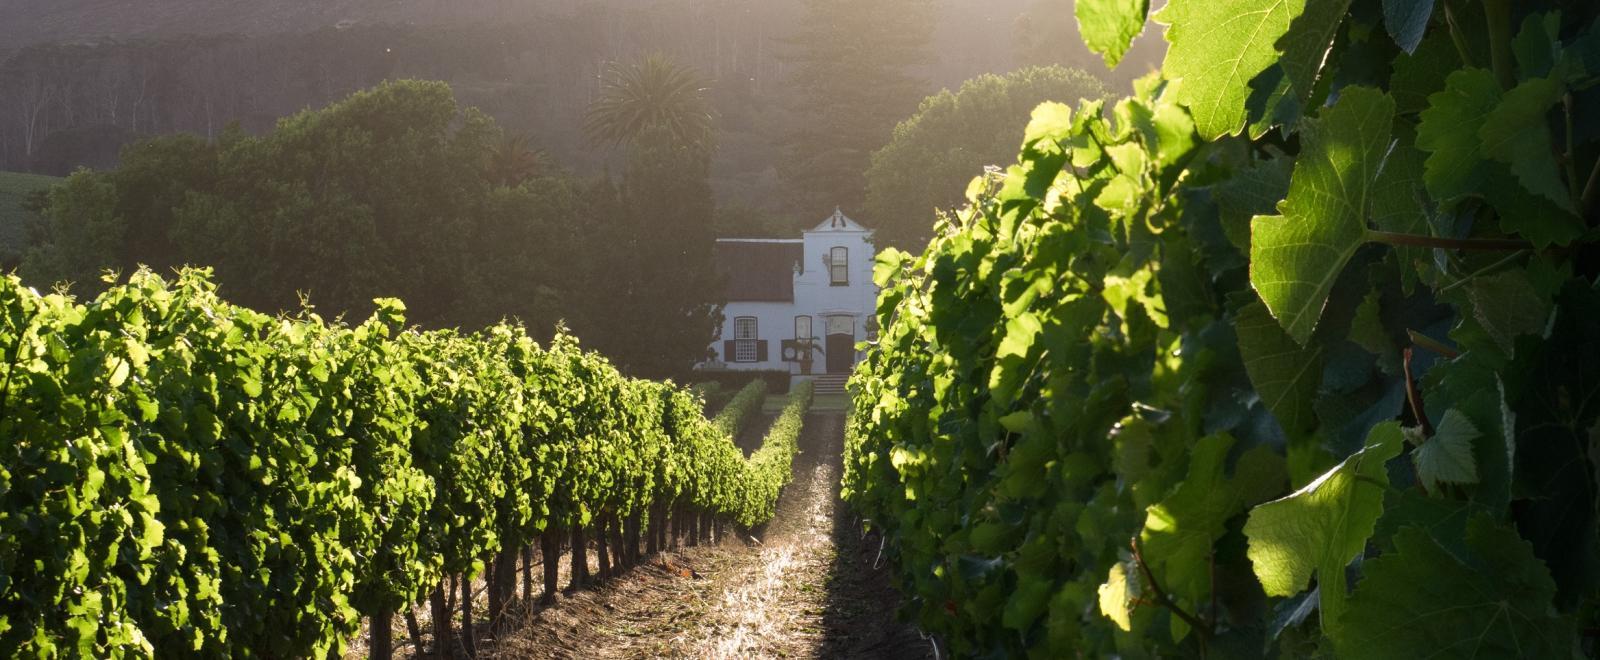 Découvrez la production éthique de vin en Afrique du Sud en visitant des vignobles de la région de Stellenbosch.